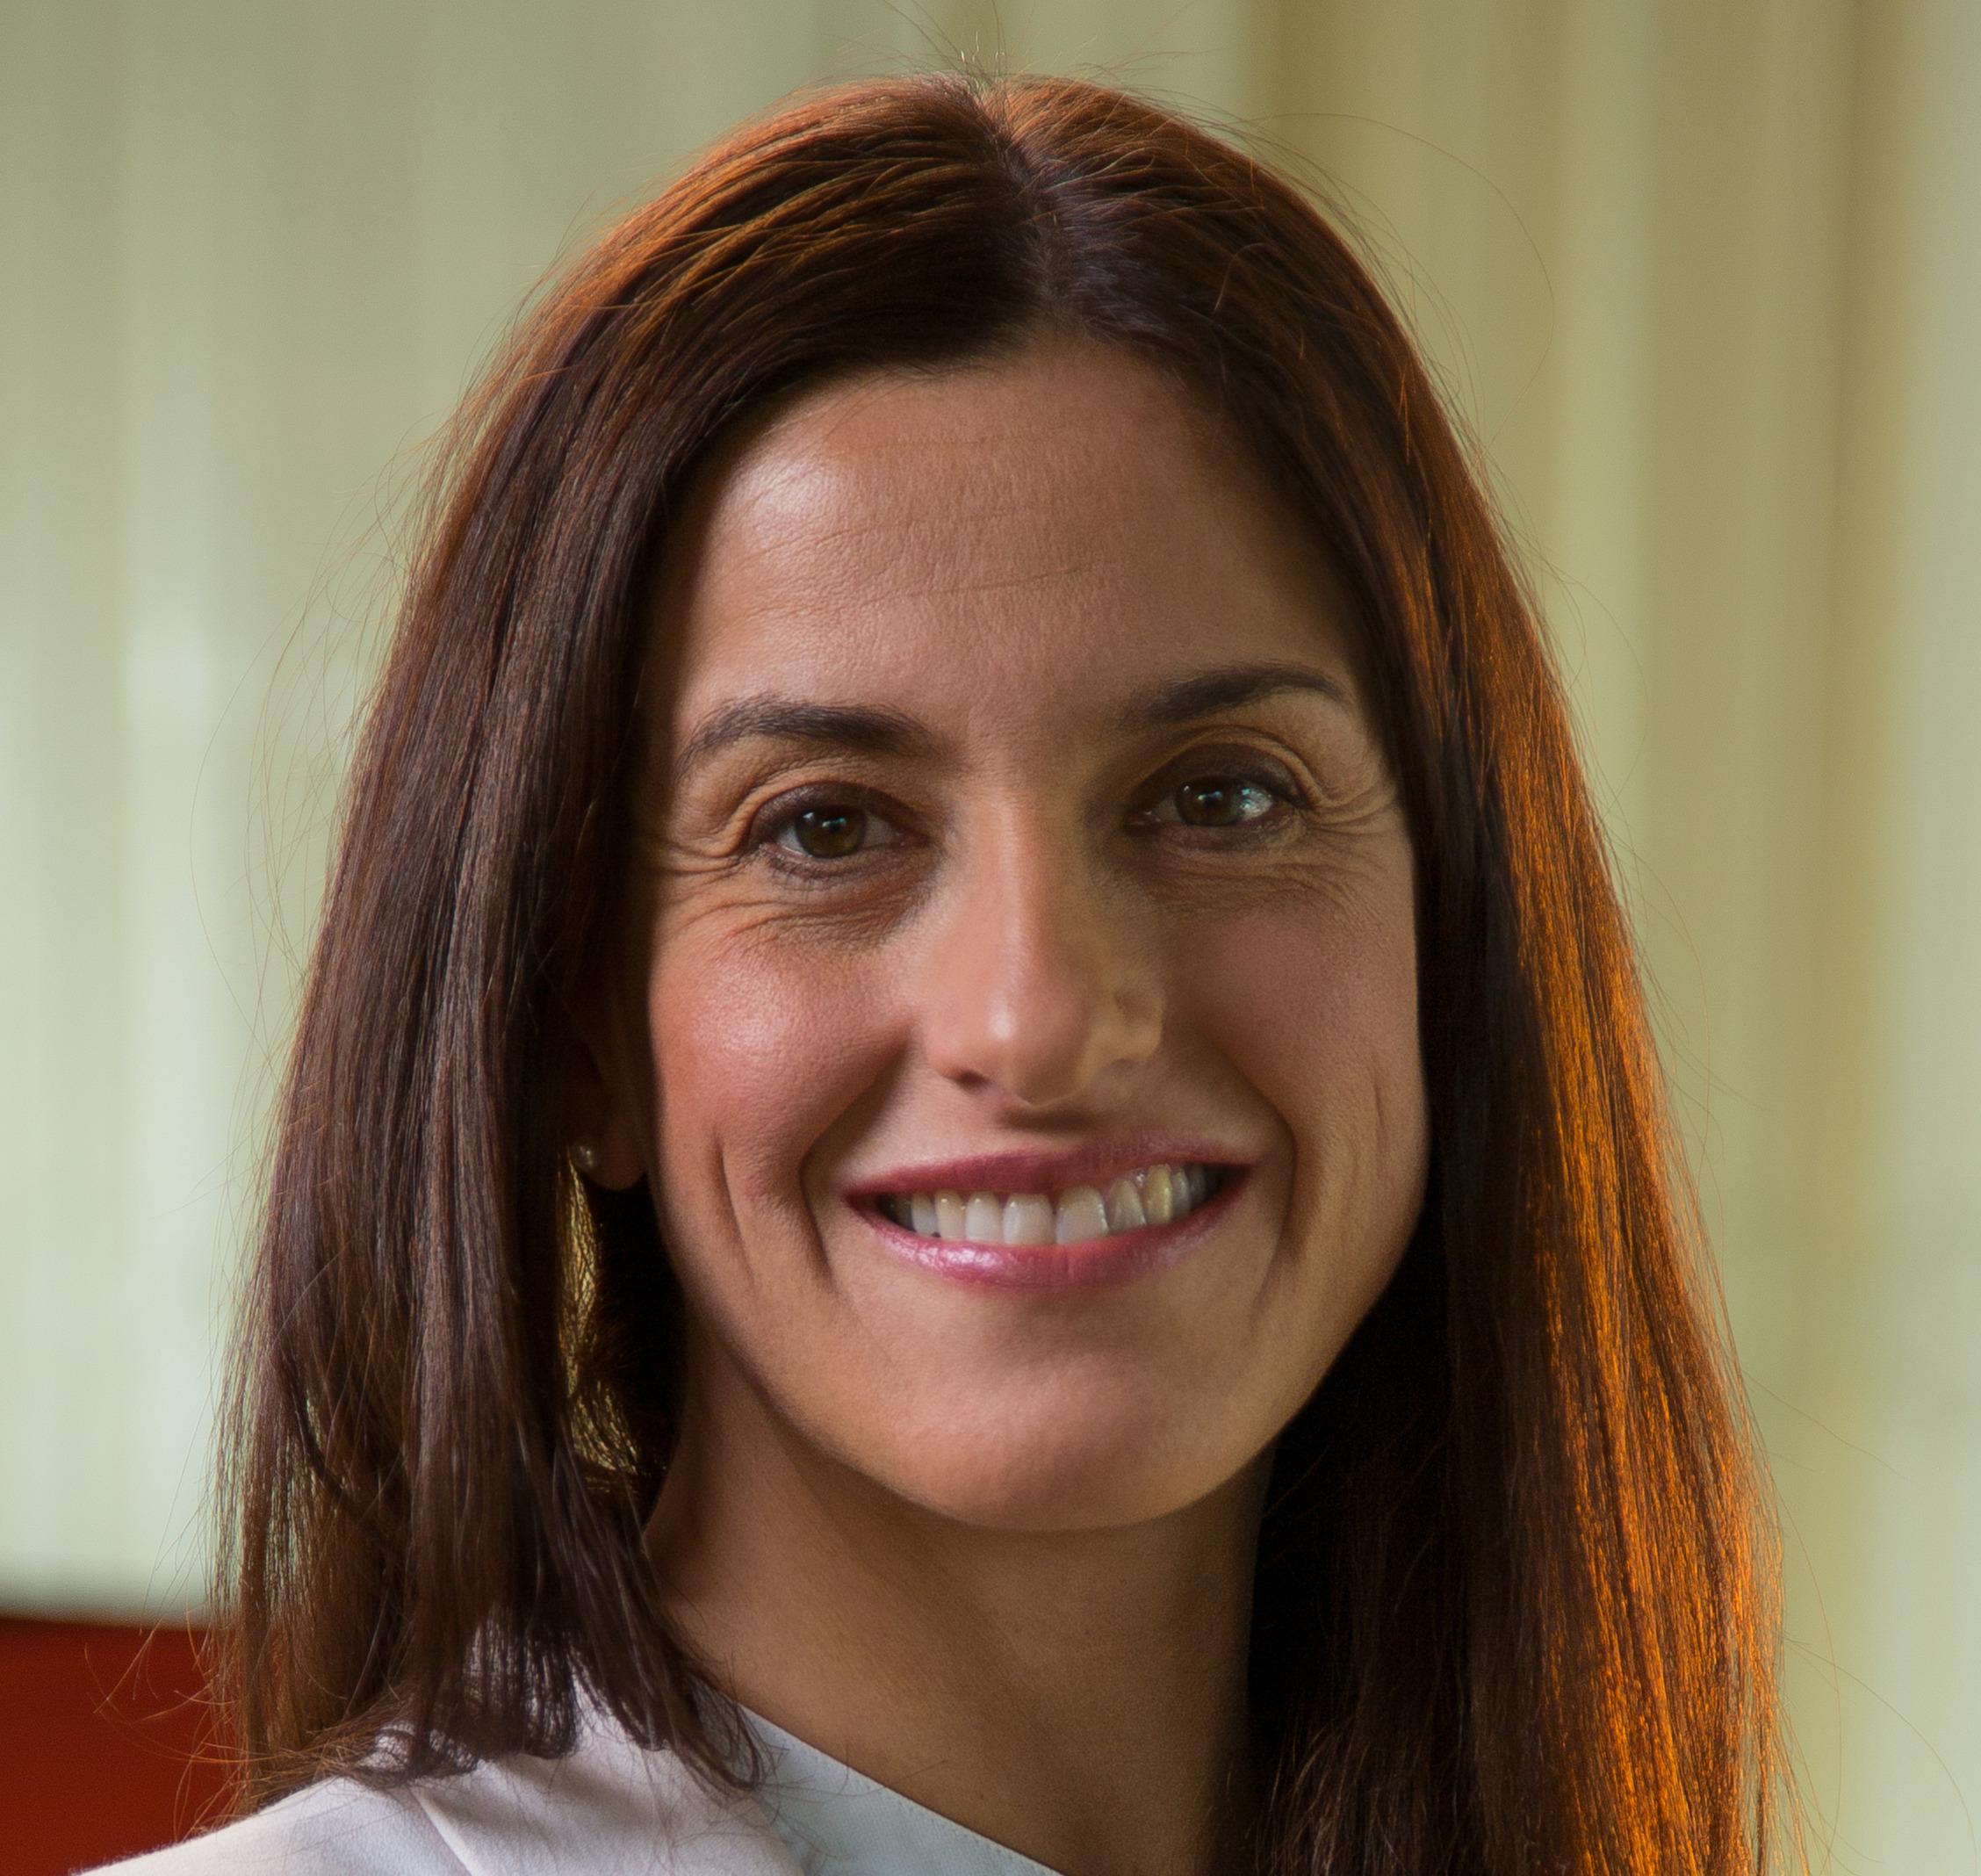 Mariana Dittmann